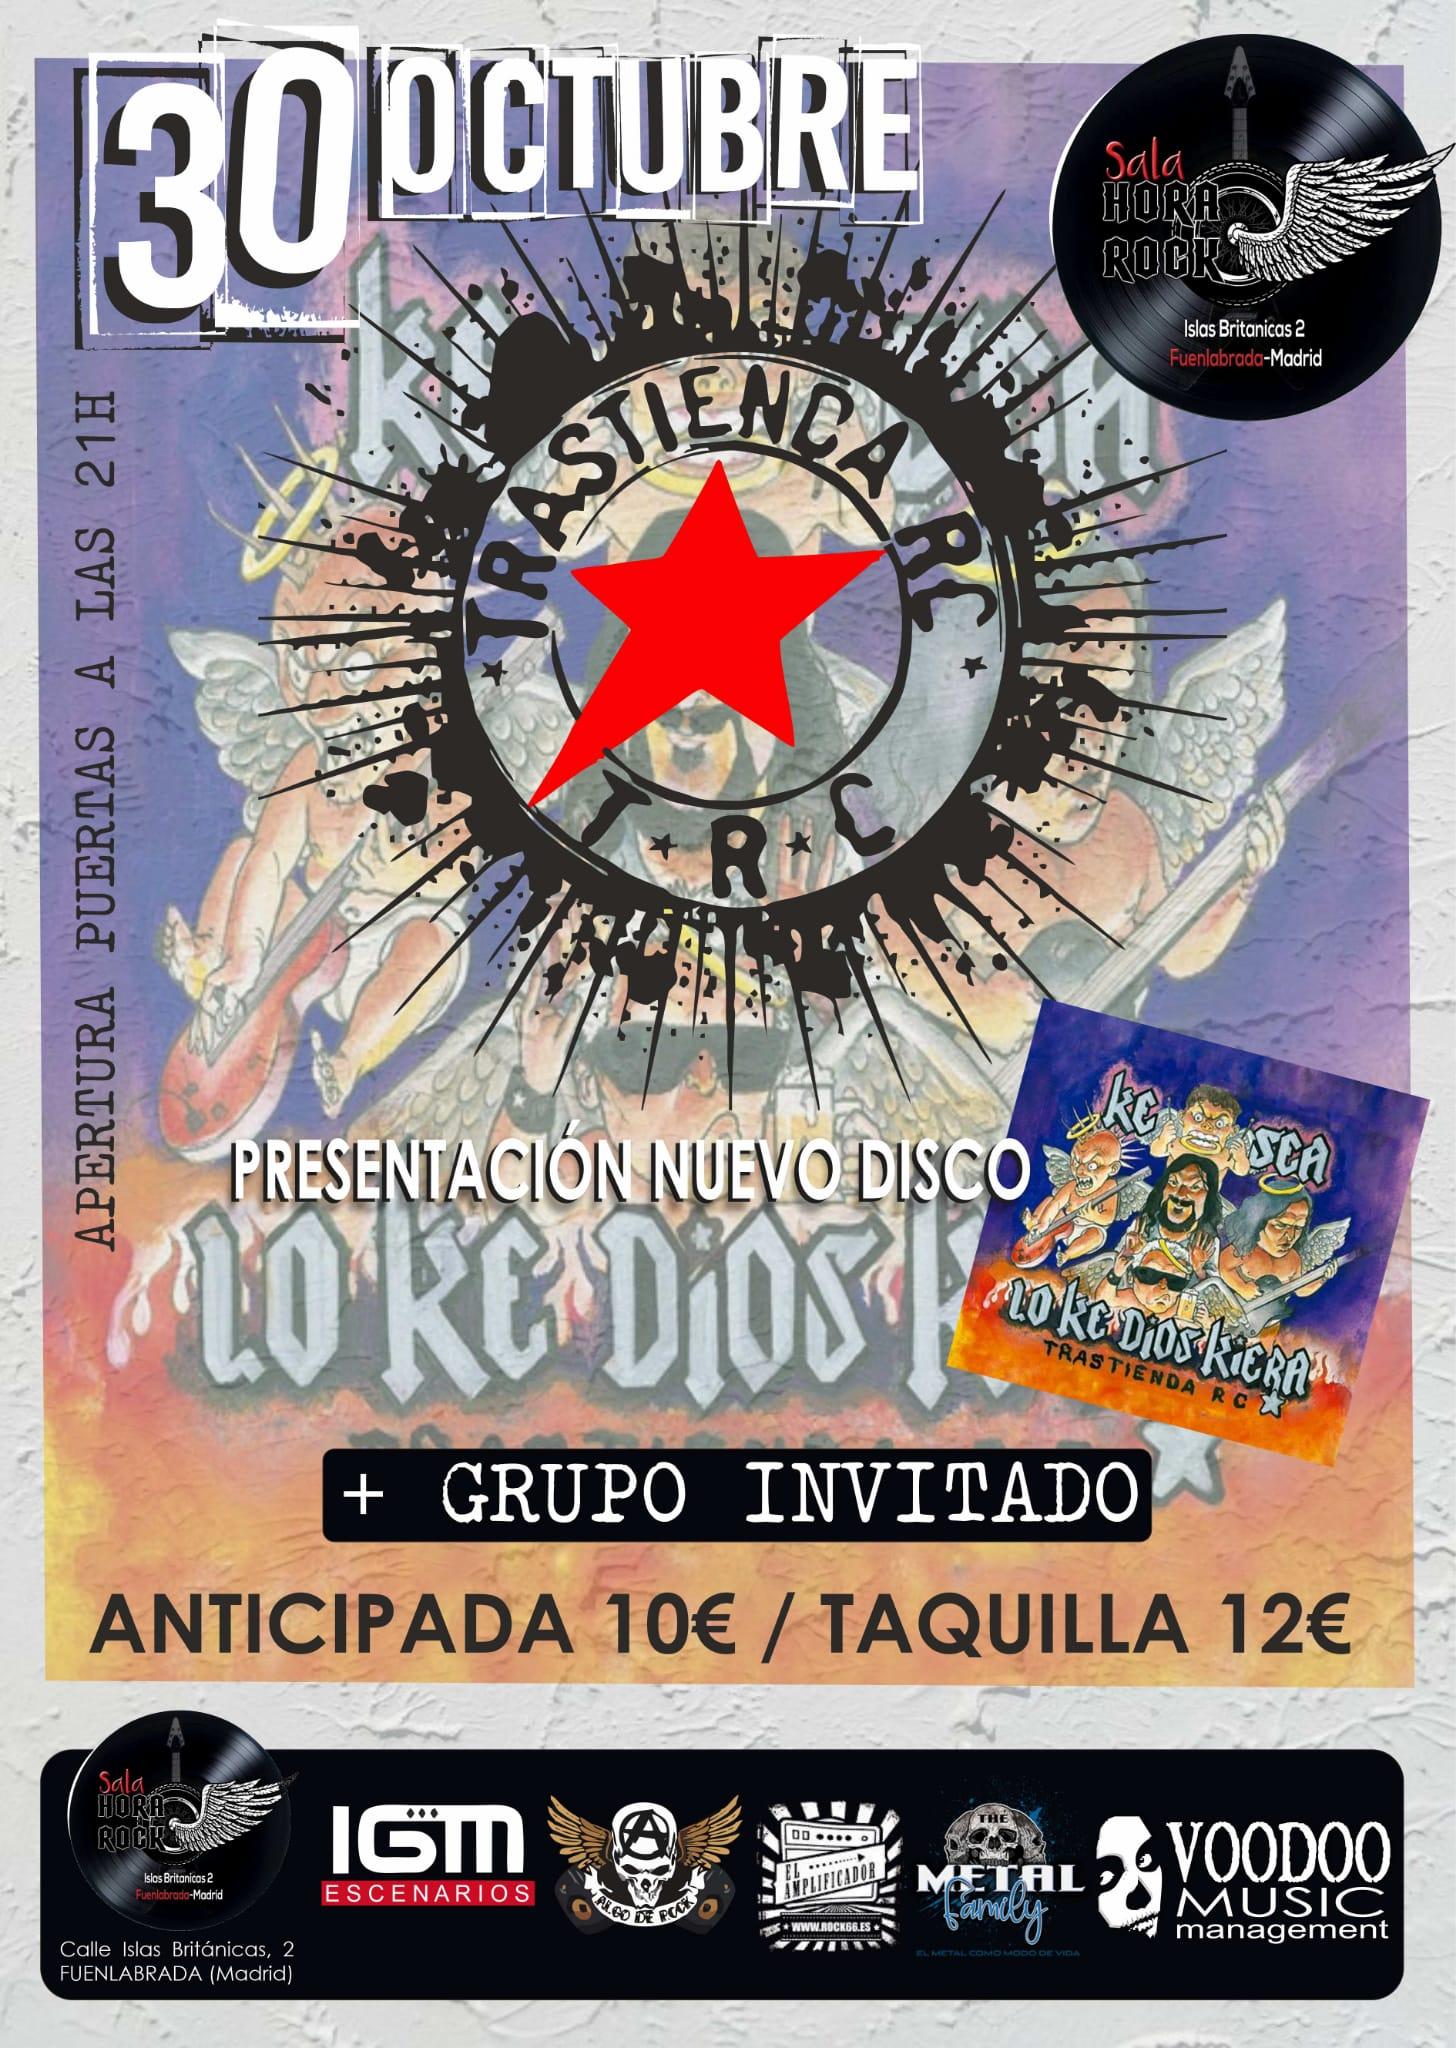 Trastienda RC – 30 de octubre en Fuenlabrada (Madrid)